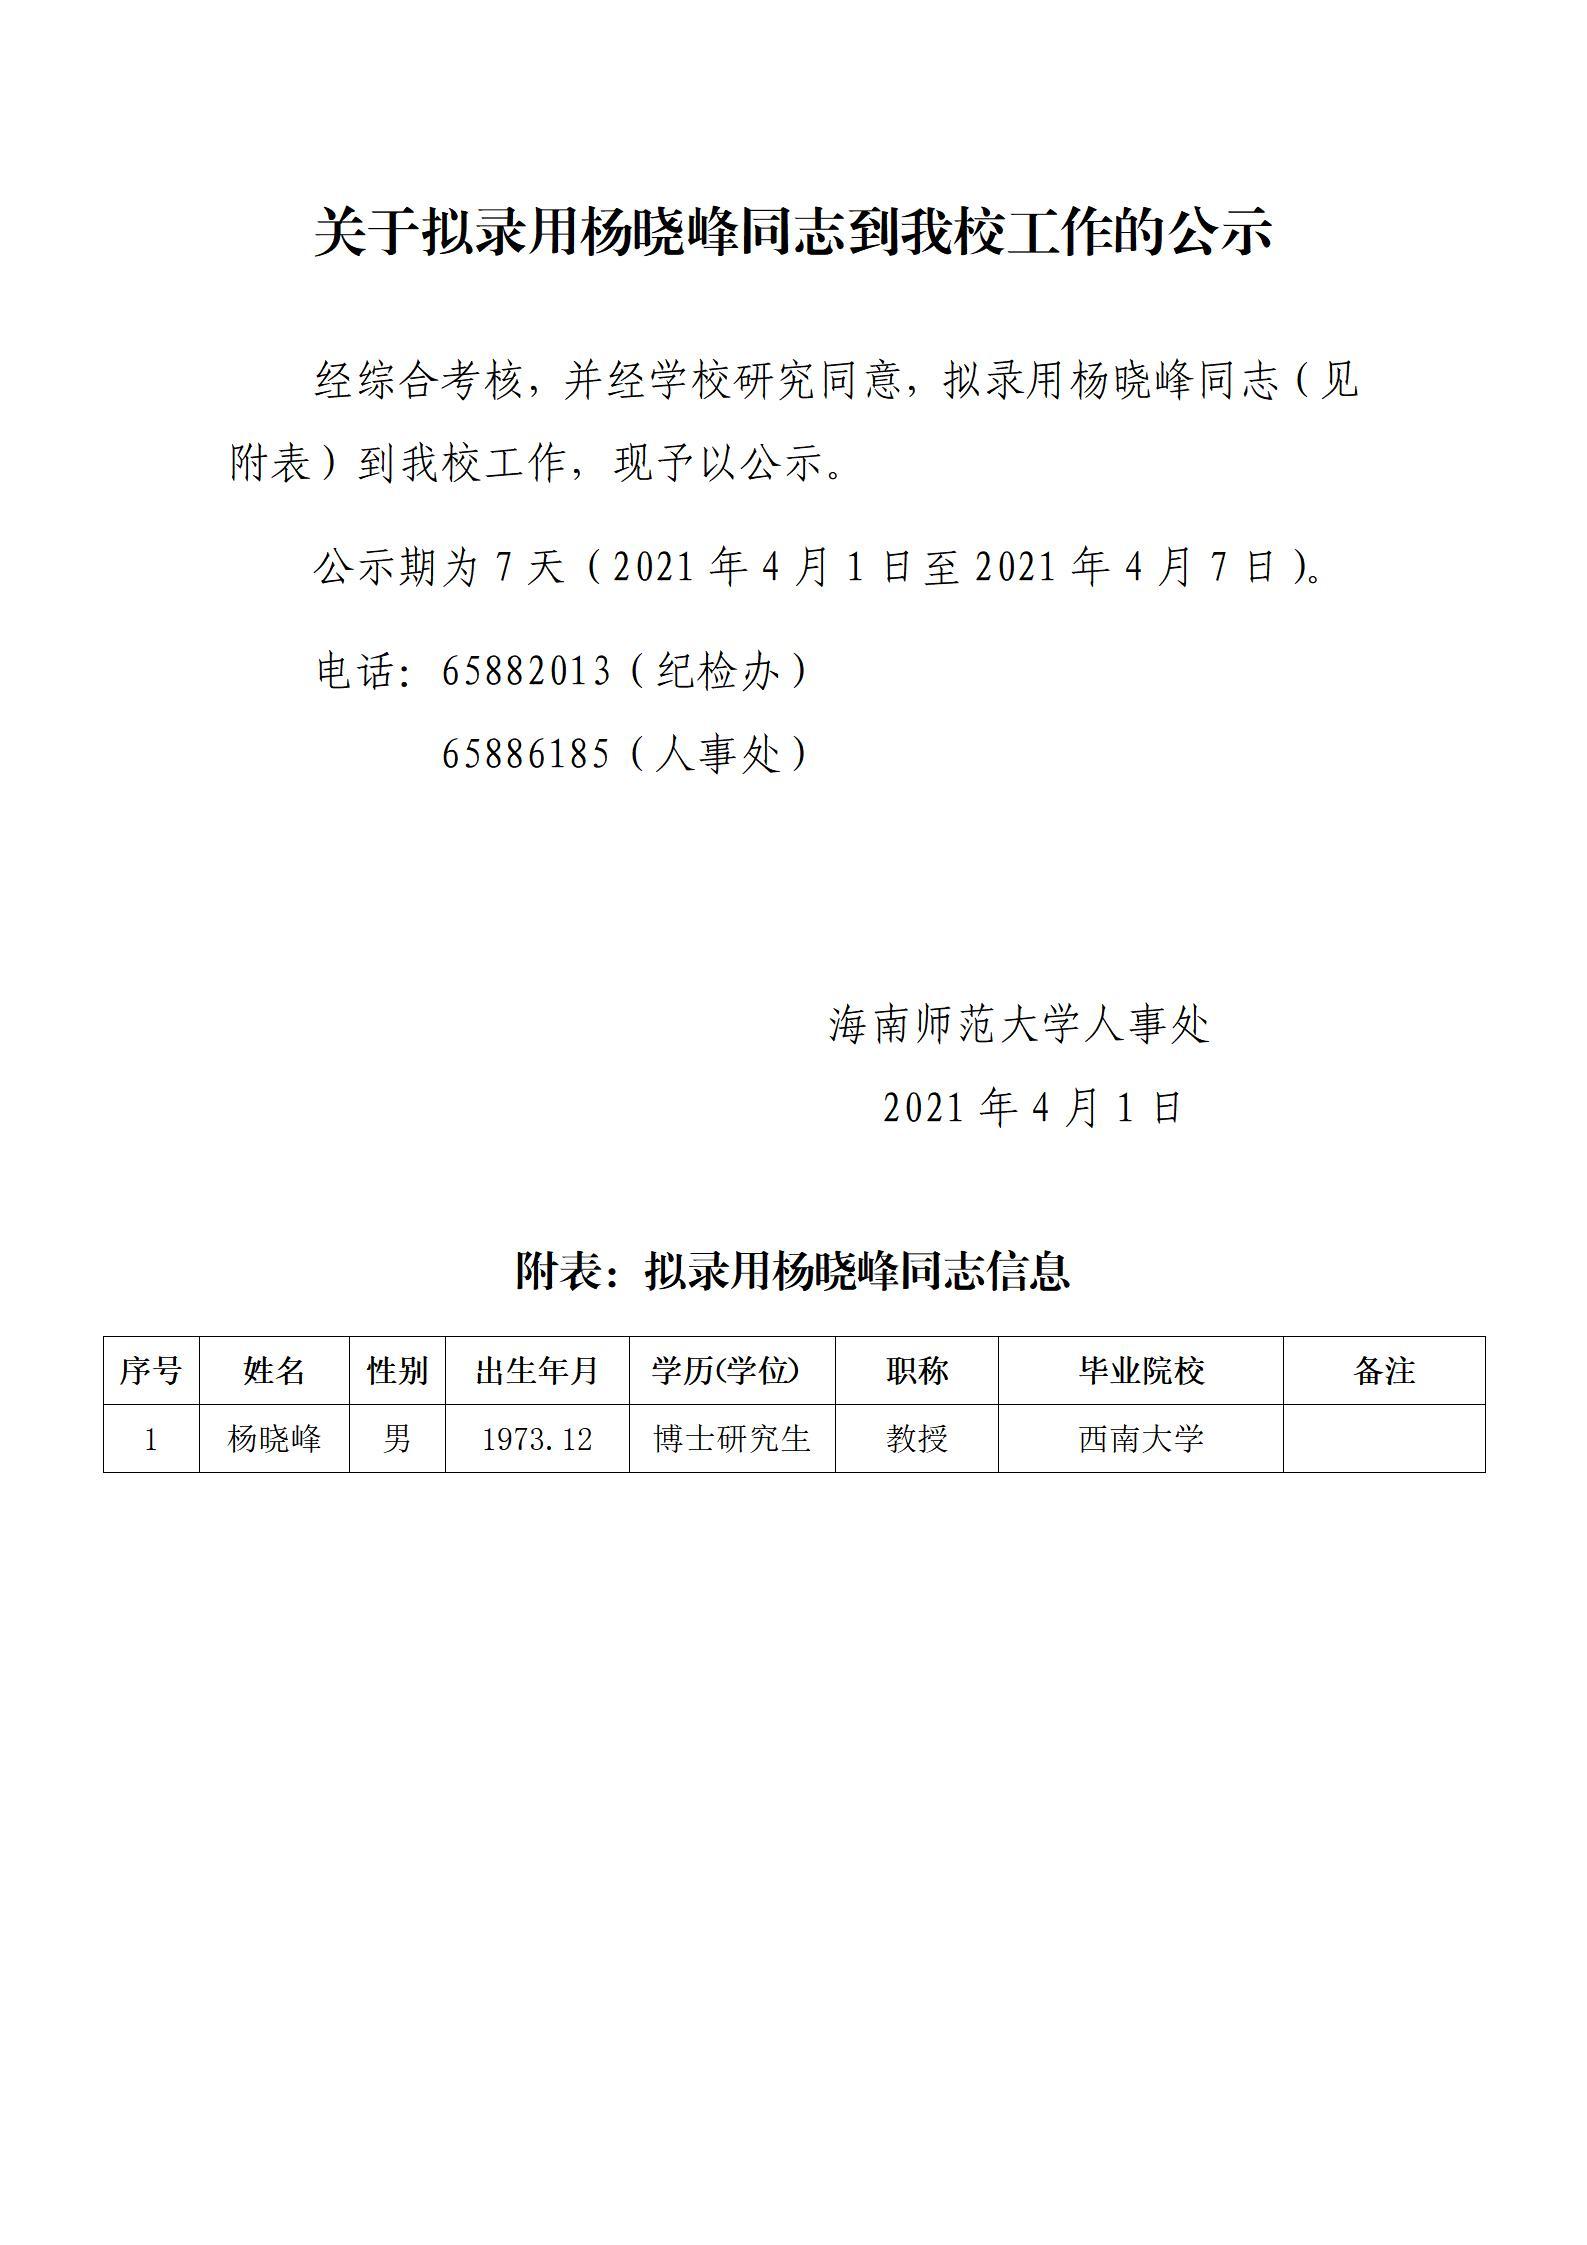 关于拟录用杨晓峰同志到我校工作的公示